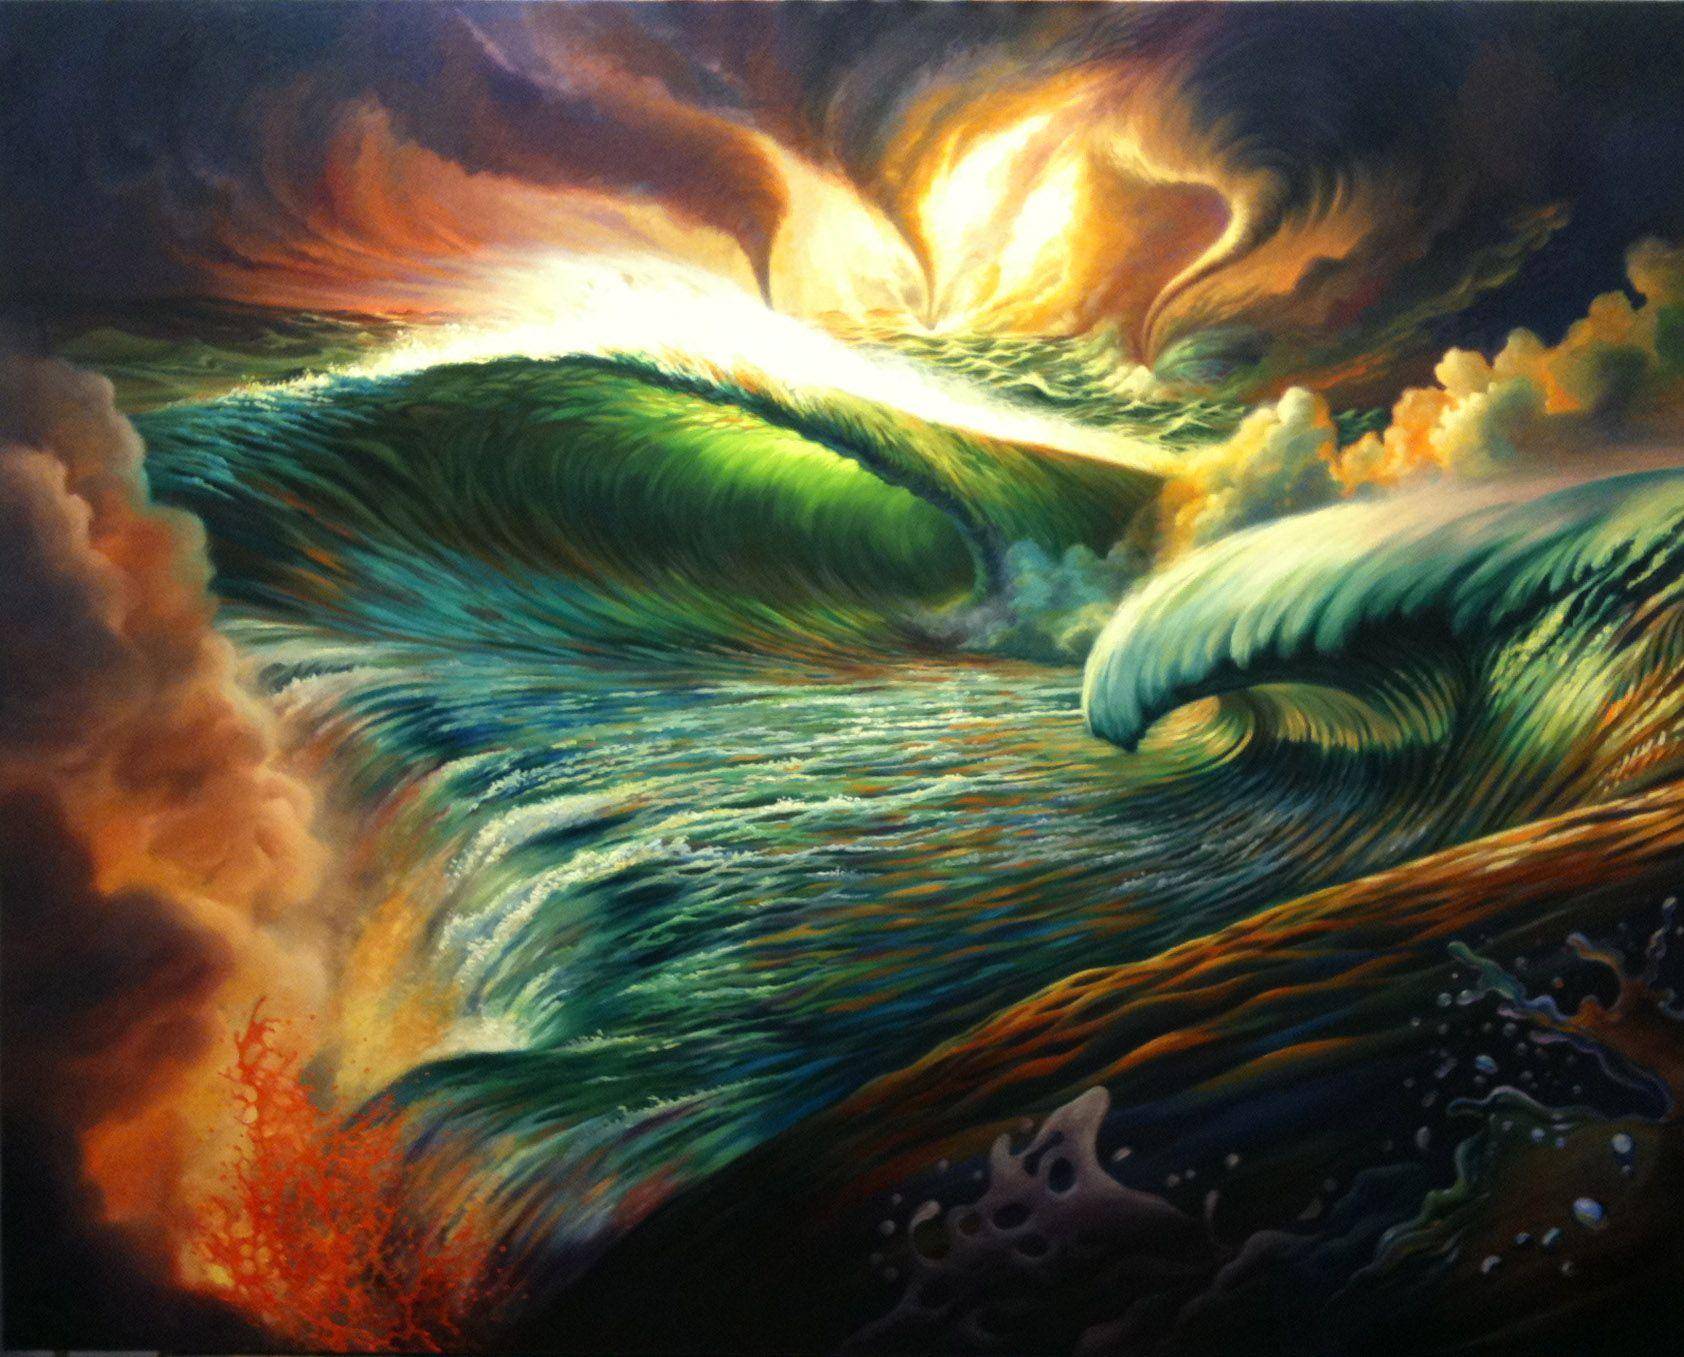 Genesis 1 Painting Series